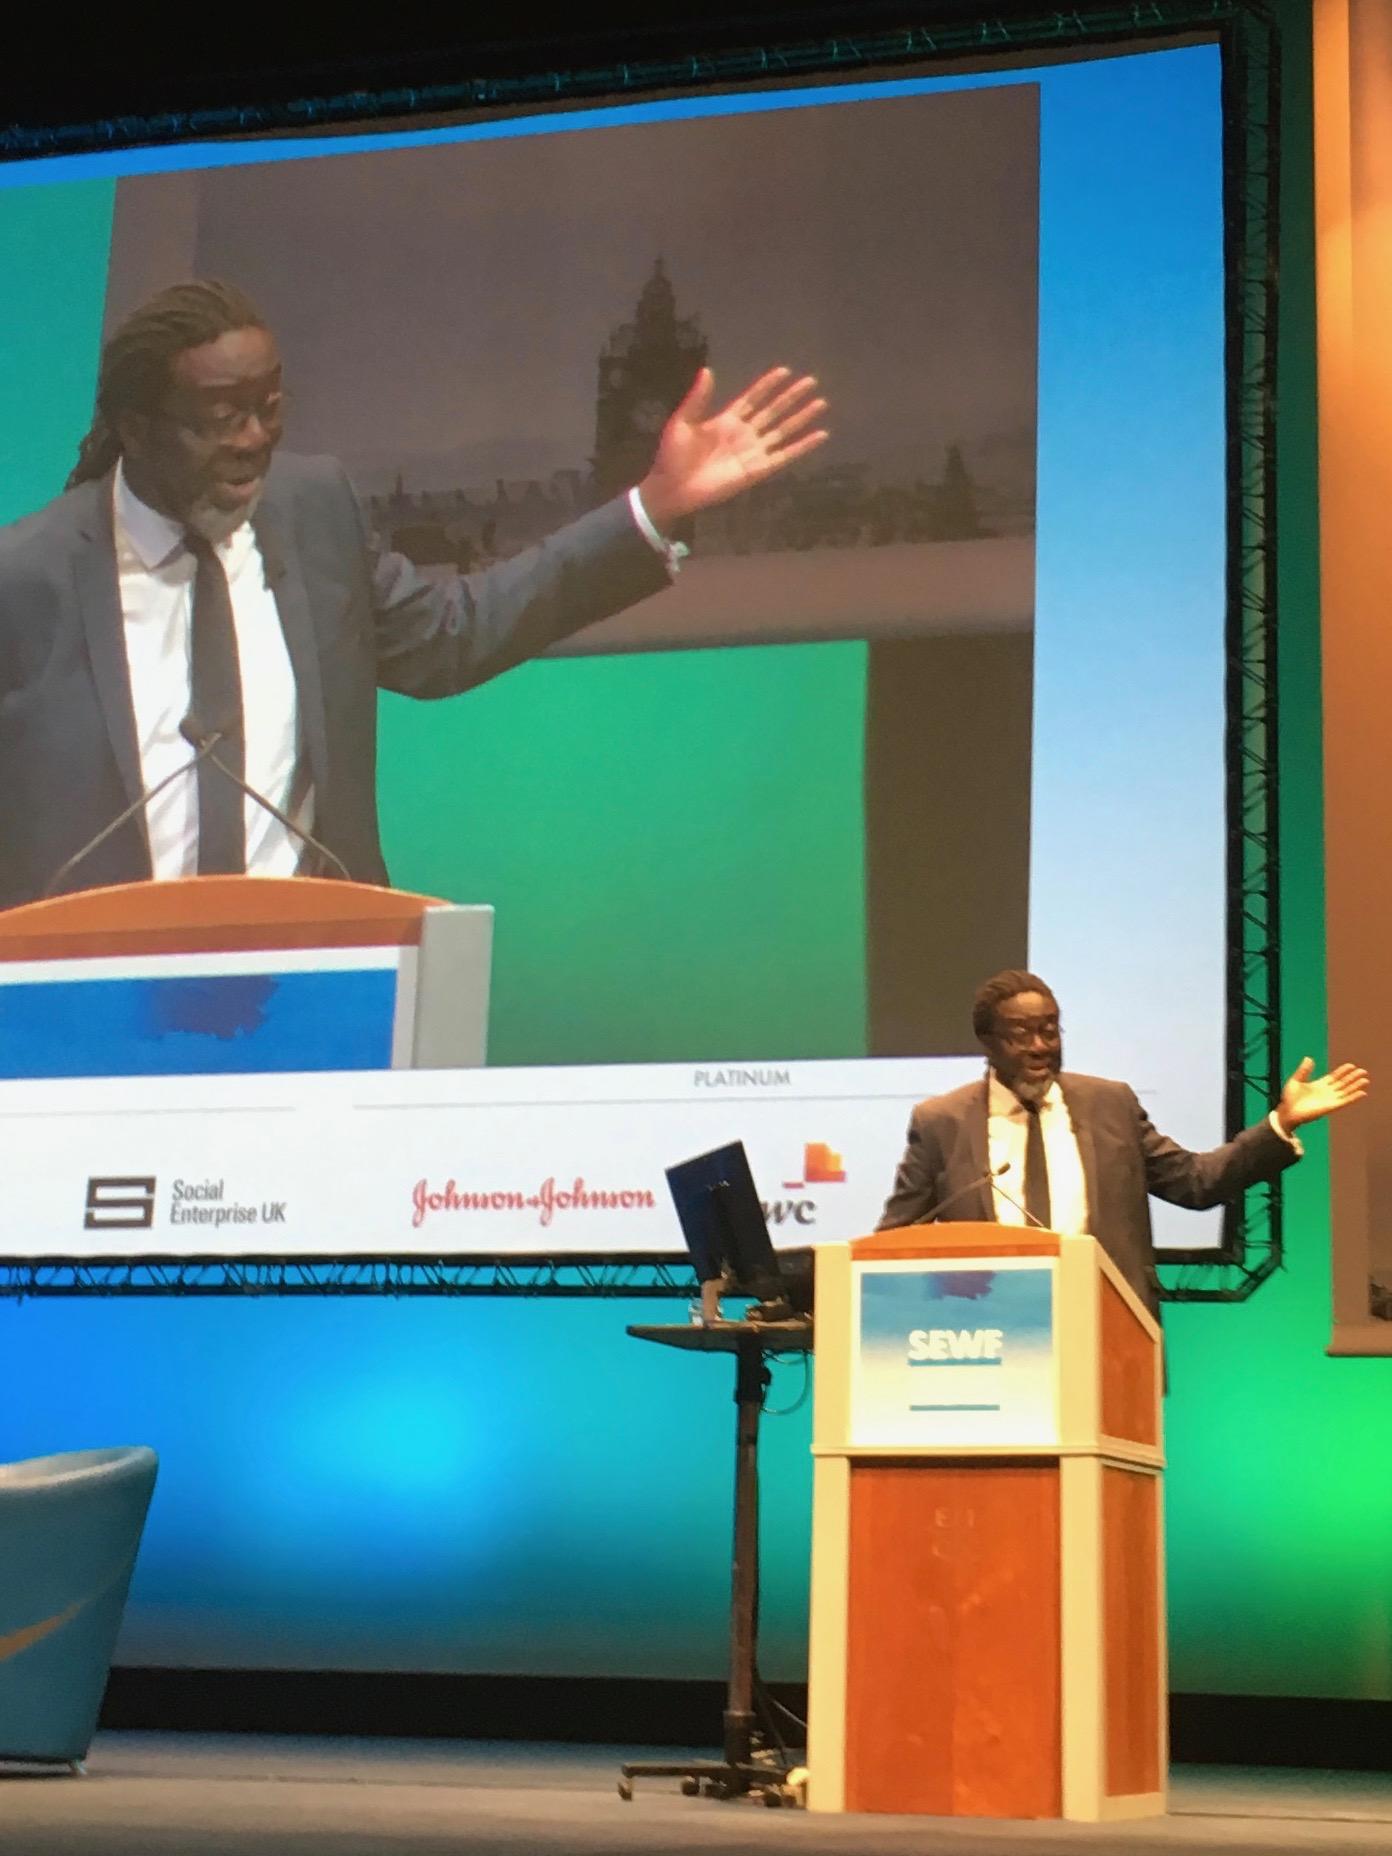 SEWF 2018 speaker Victor Adebowale